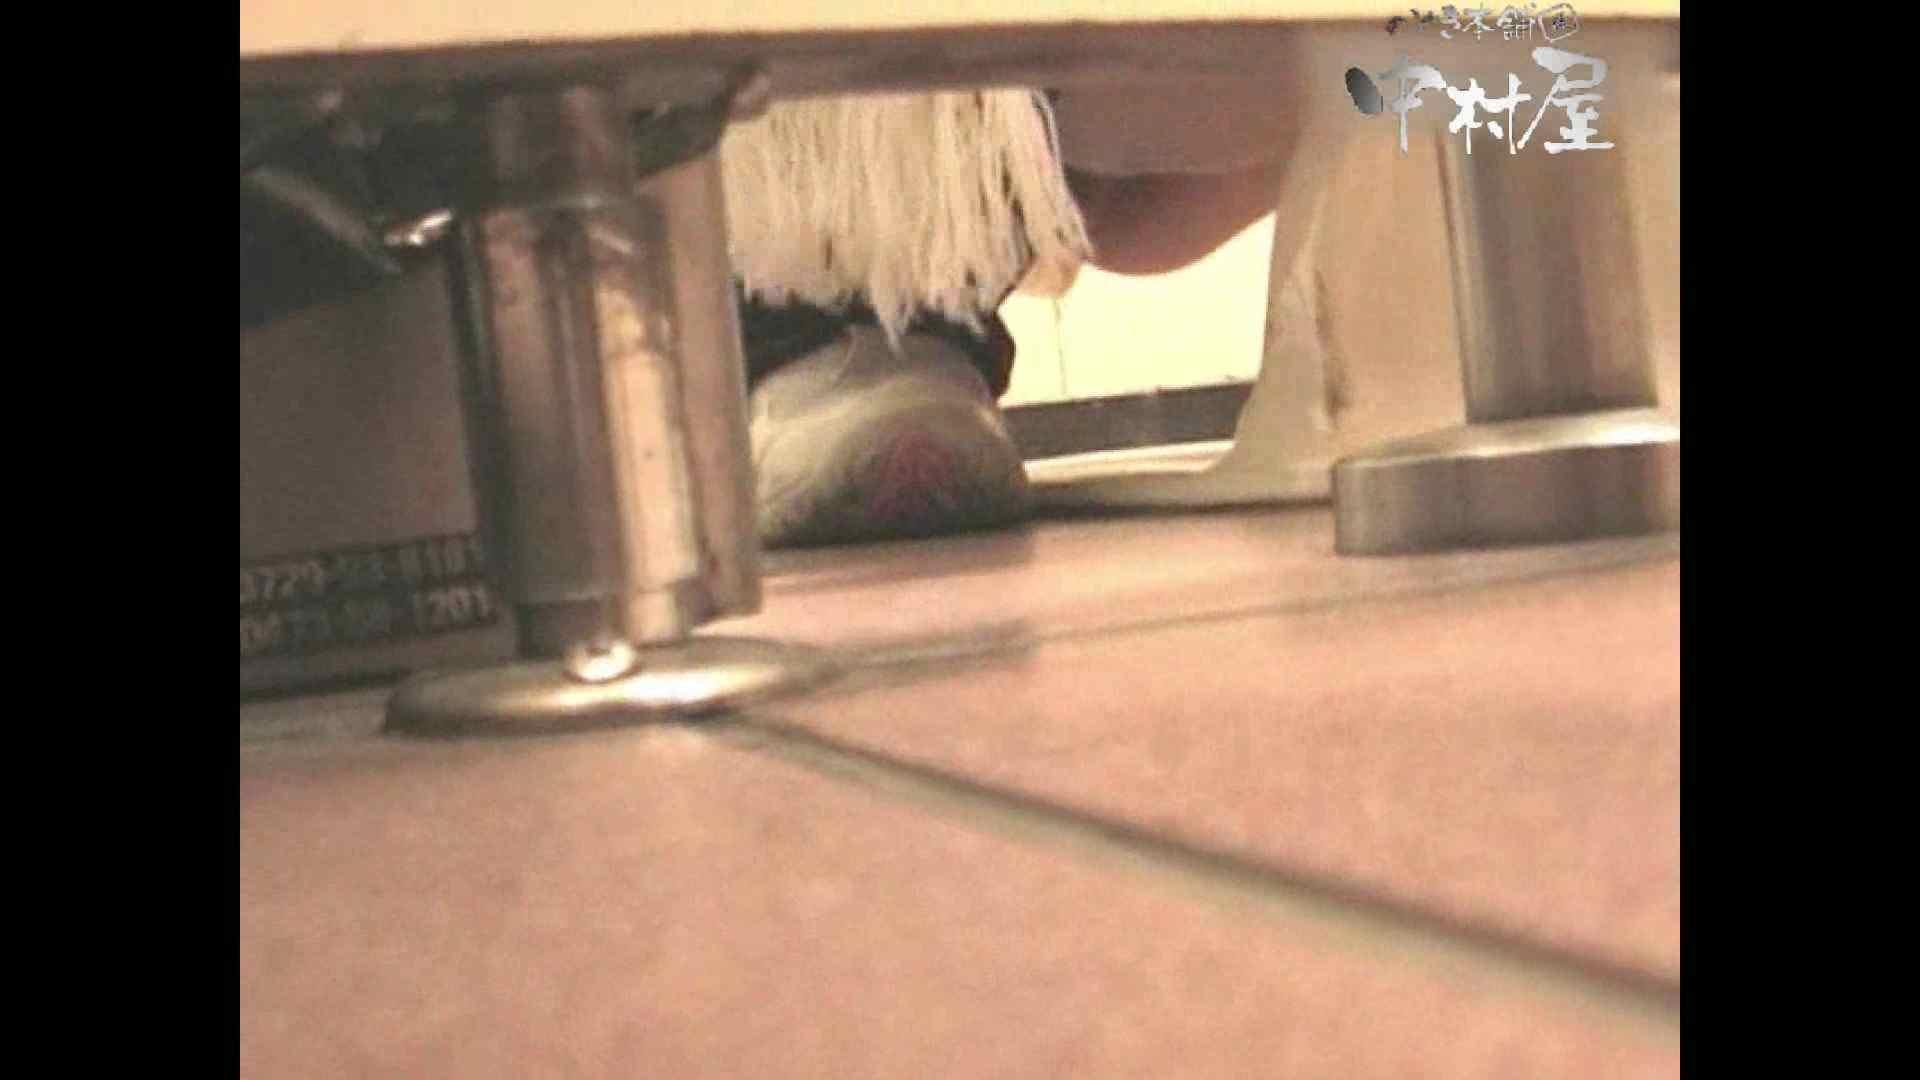 岩手県在住盗撮師盗撮記録vol.05 マンコ・ムレムレ | 肛門丸見え  77pic 1